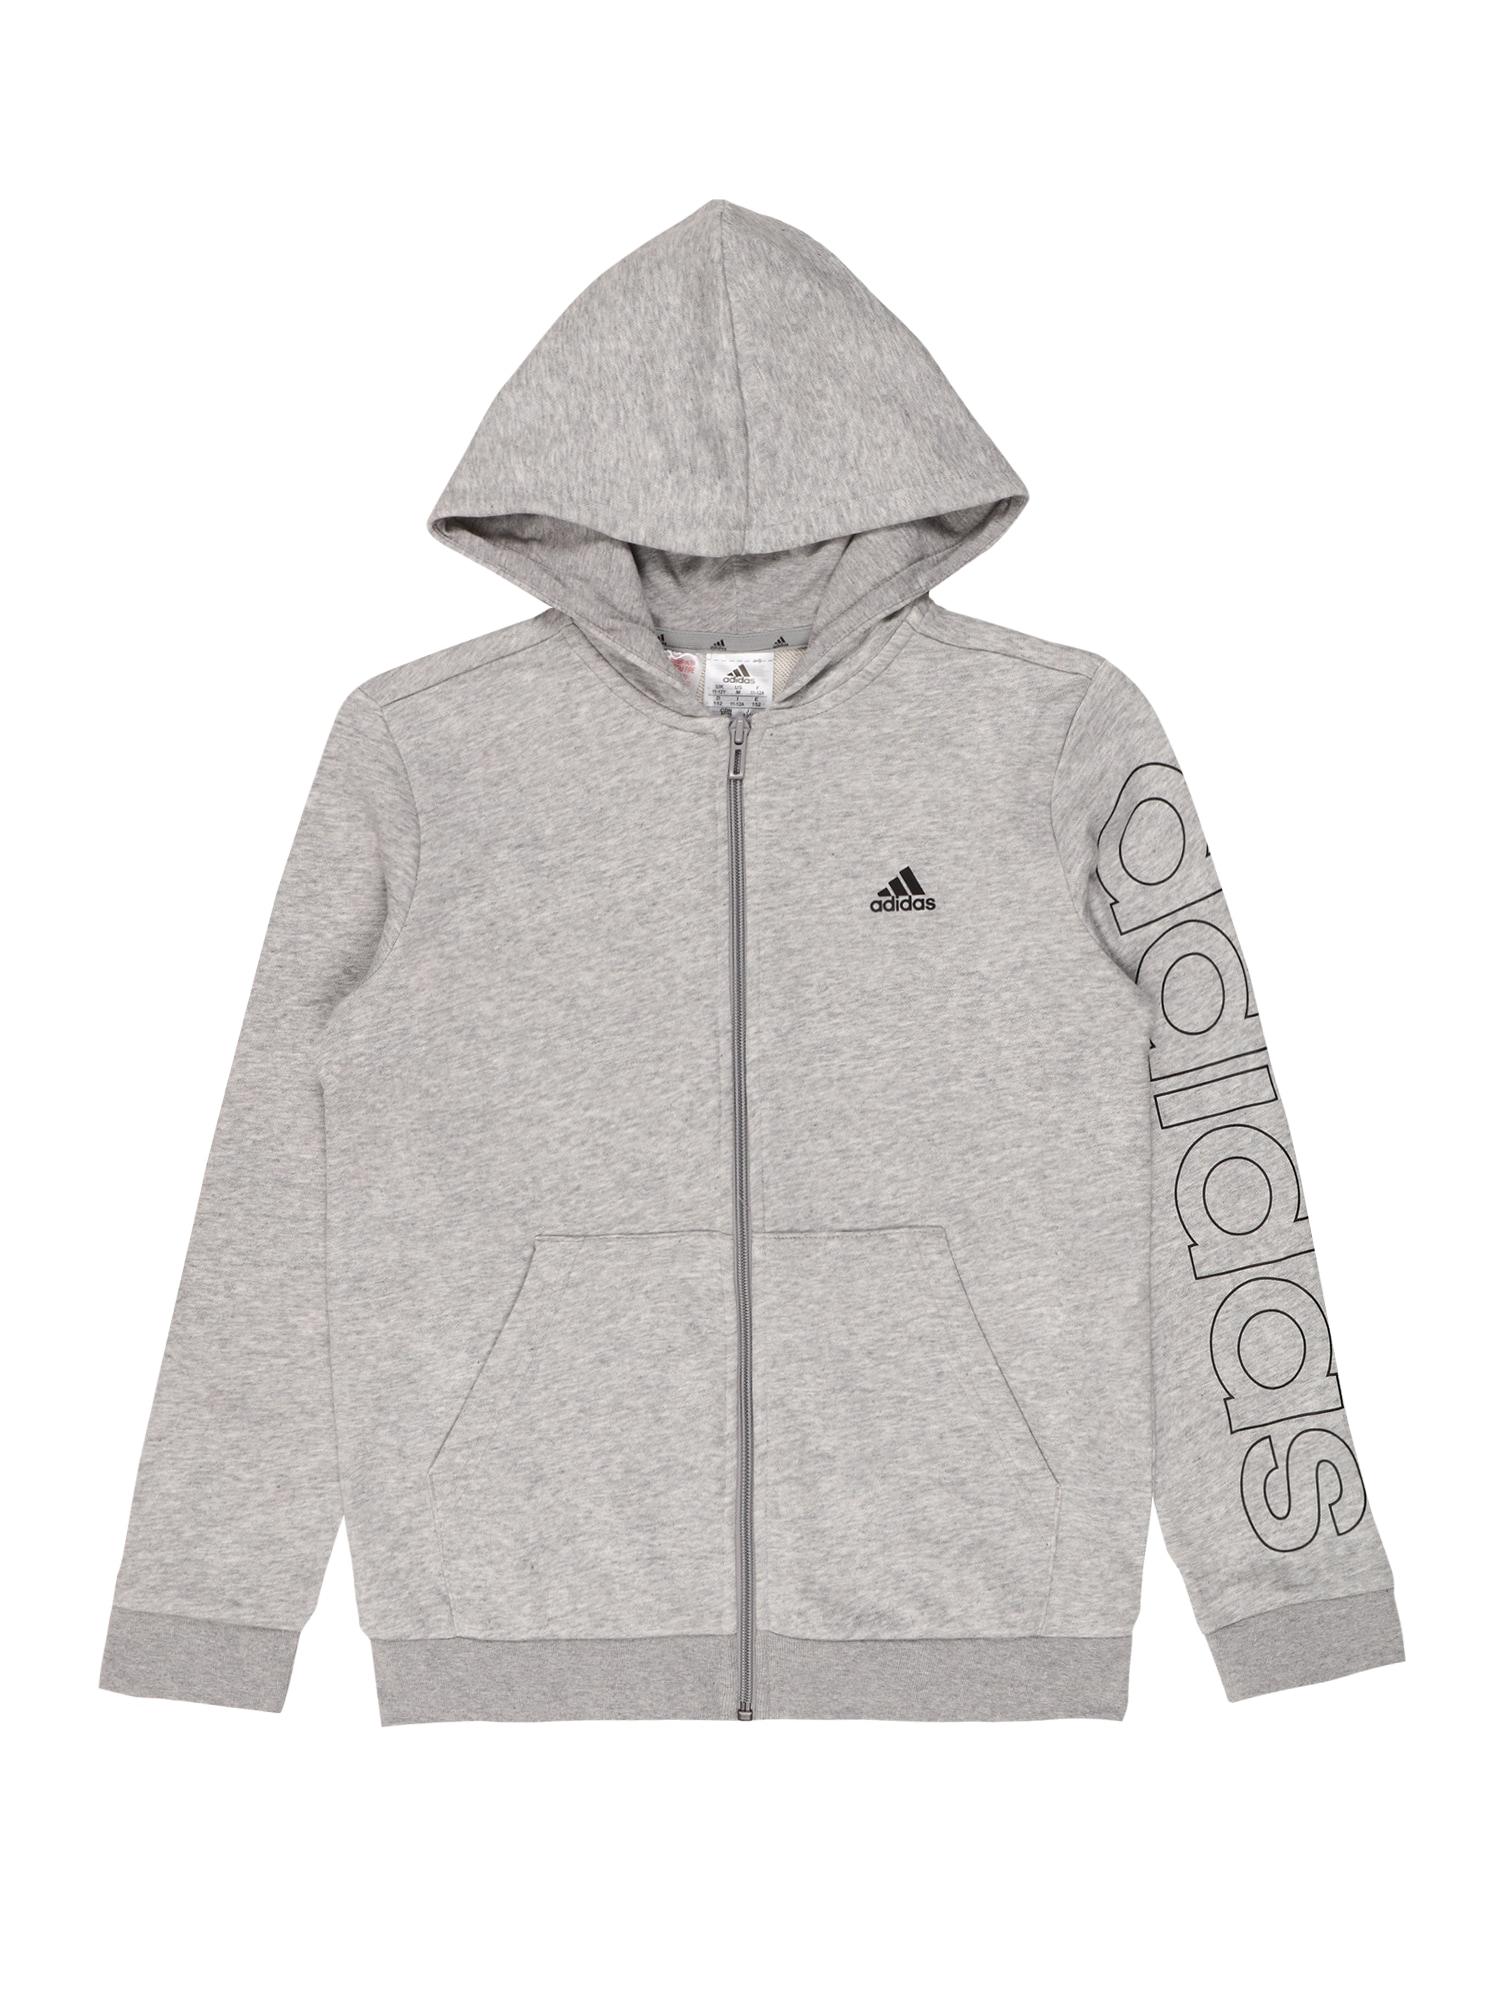 ADIDAS PERFORMANCE Sportinis džemperis pilka